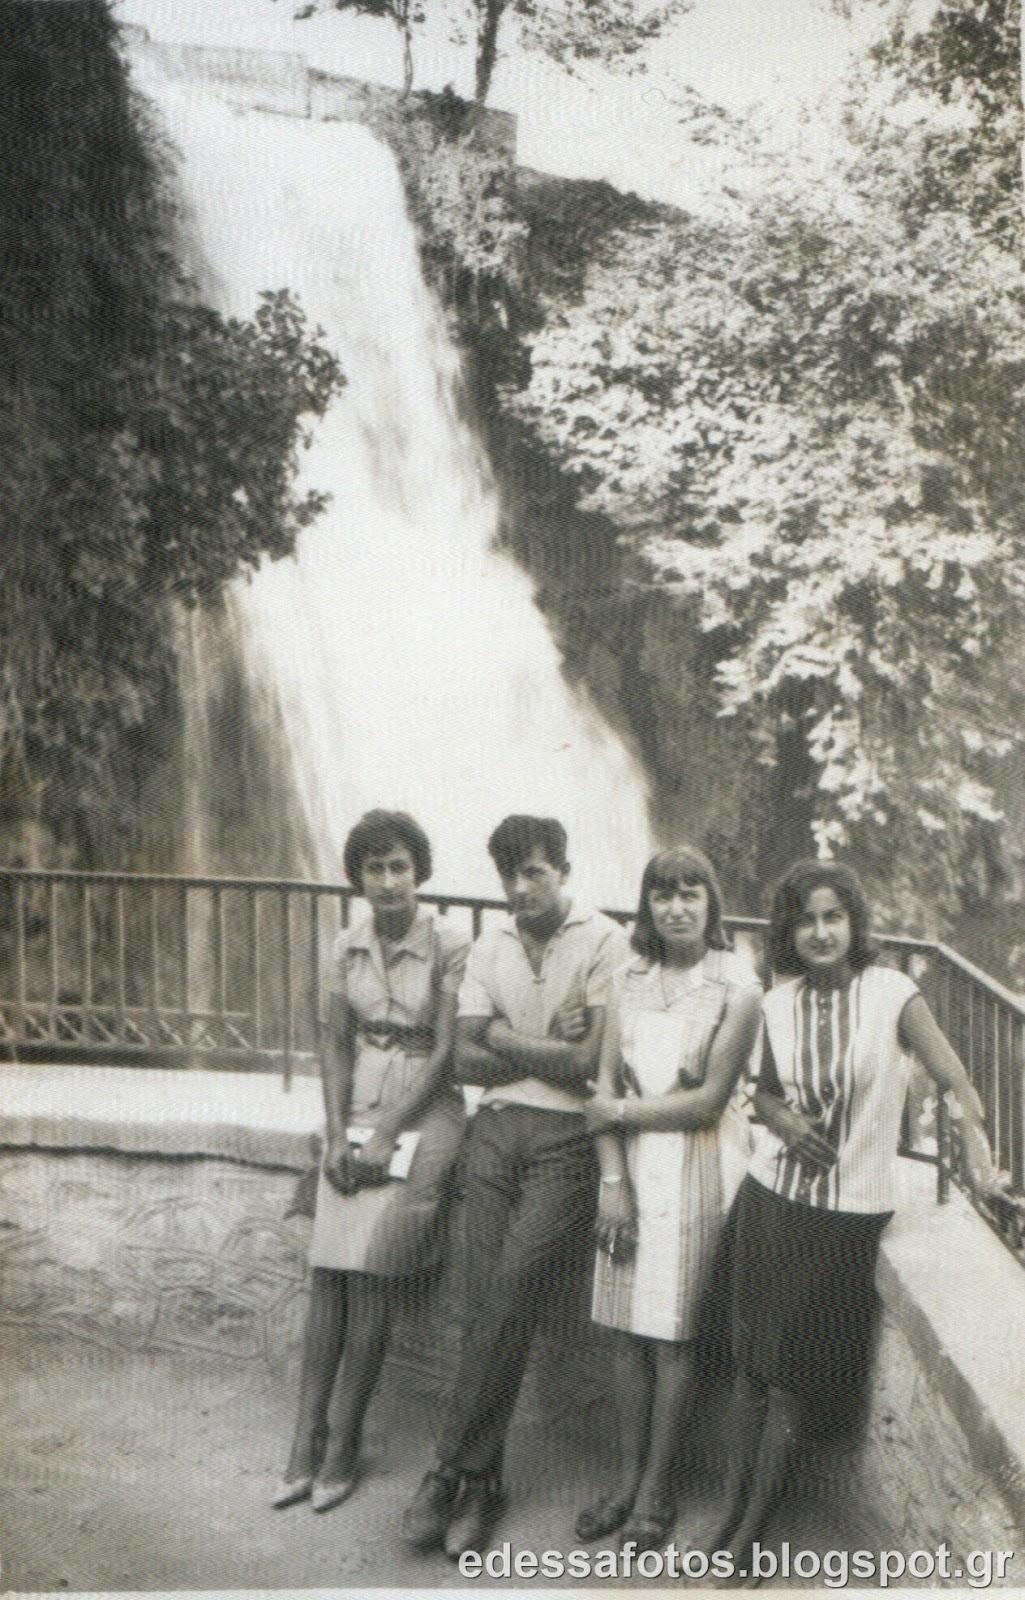 Παλιές αναμνηστικές φωτογραφίες στους καταρράκτες